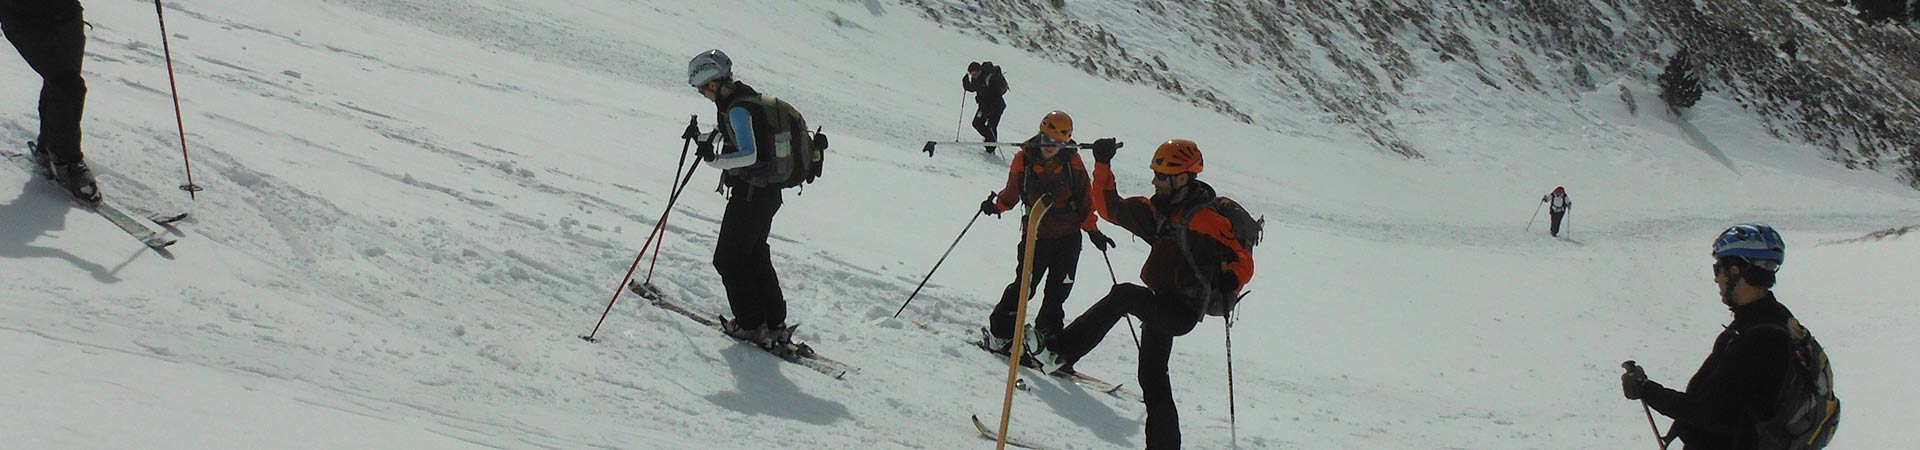 classes-esqui-pista-2h